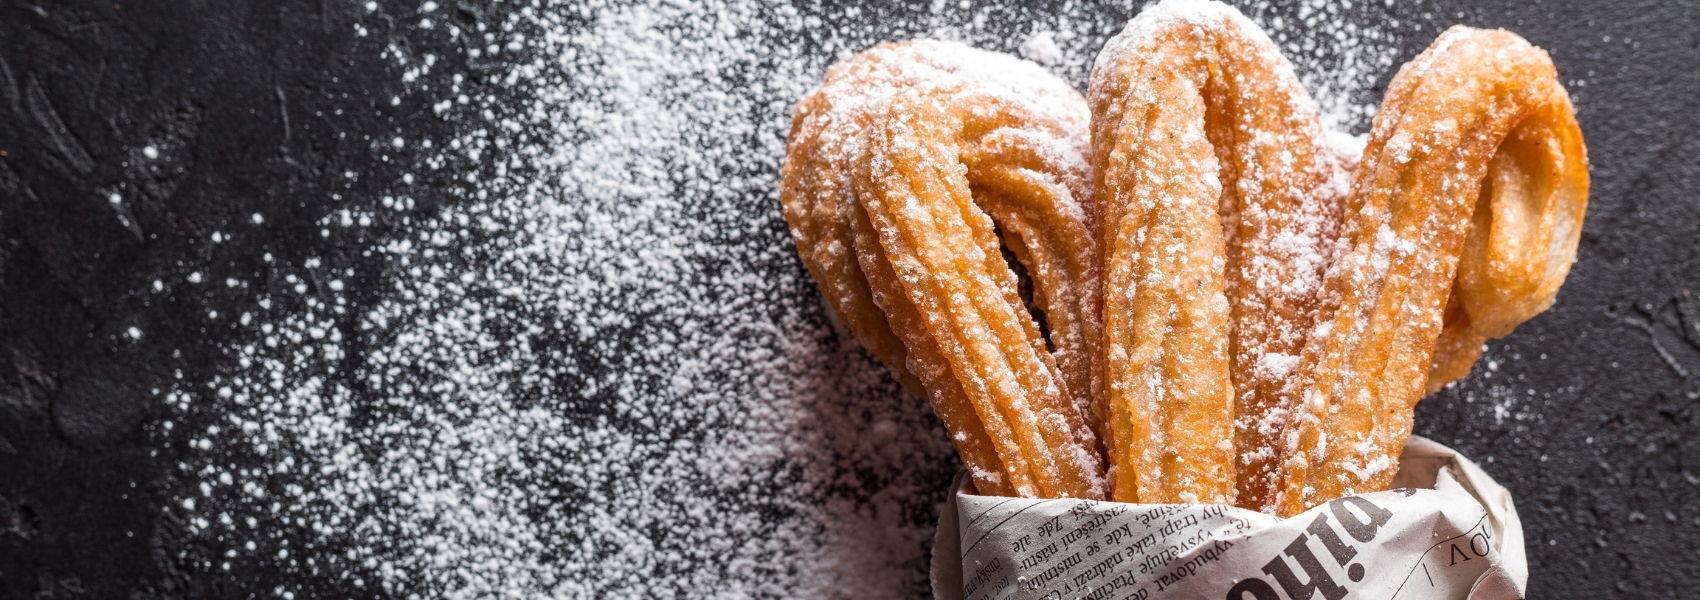 açúcar não contribui para um bom humor